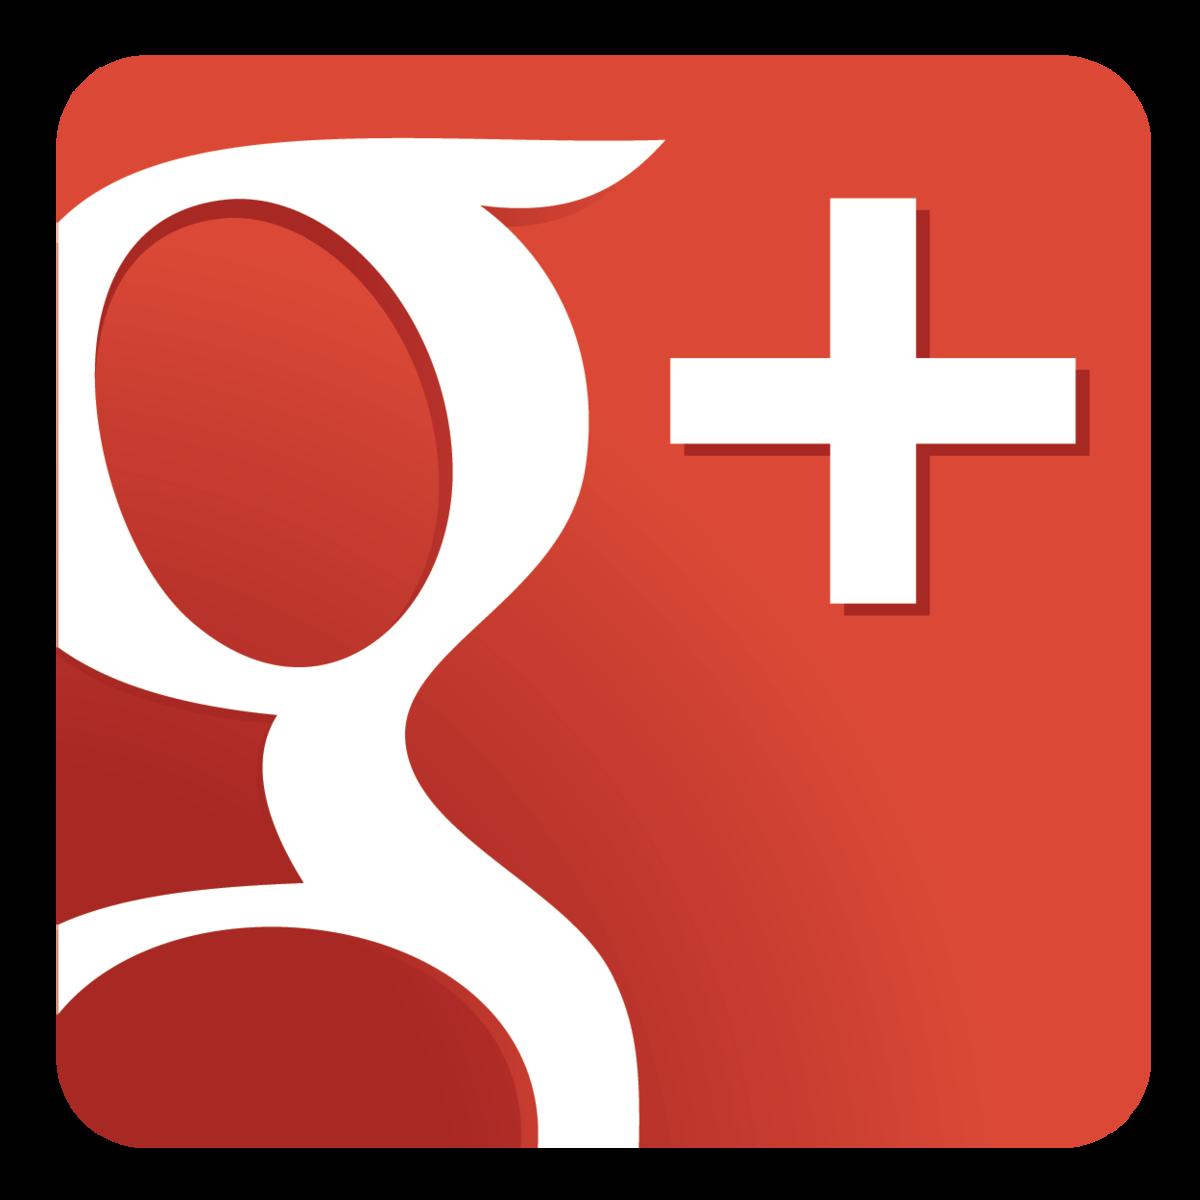 1-Google_Plus_Logo.png